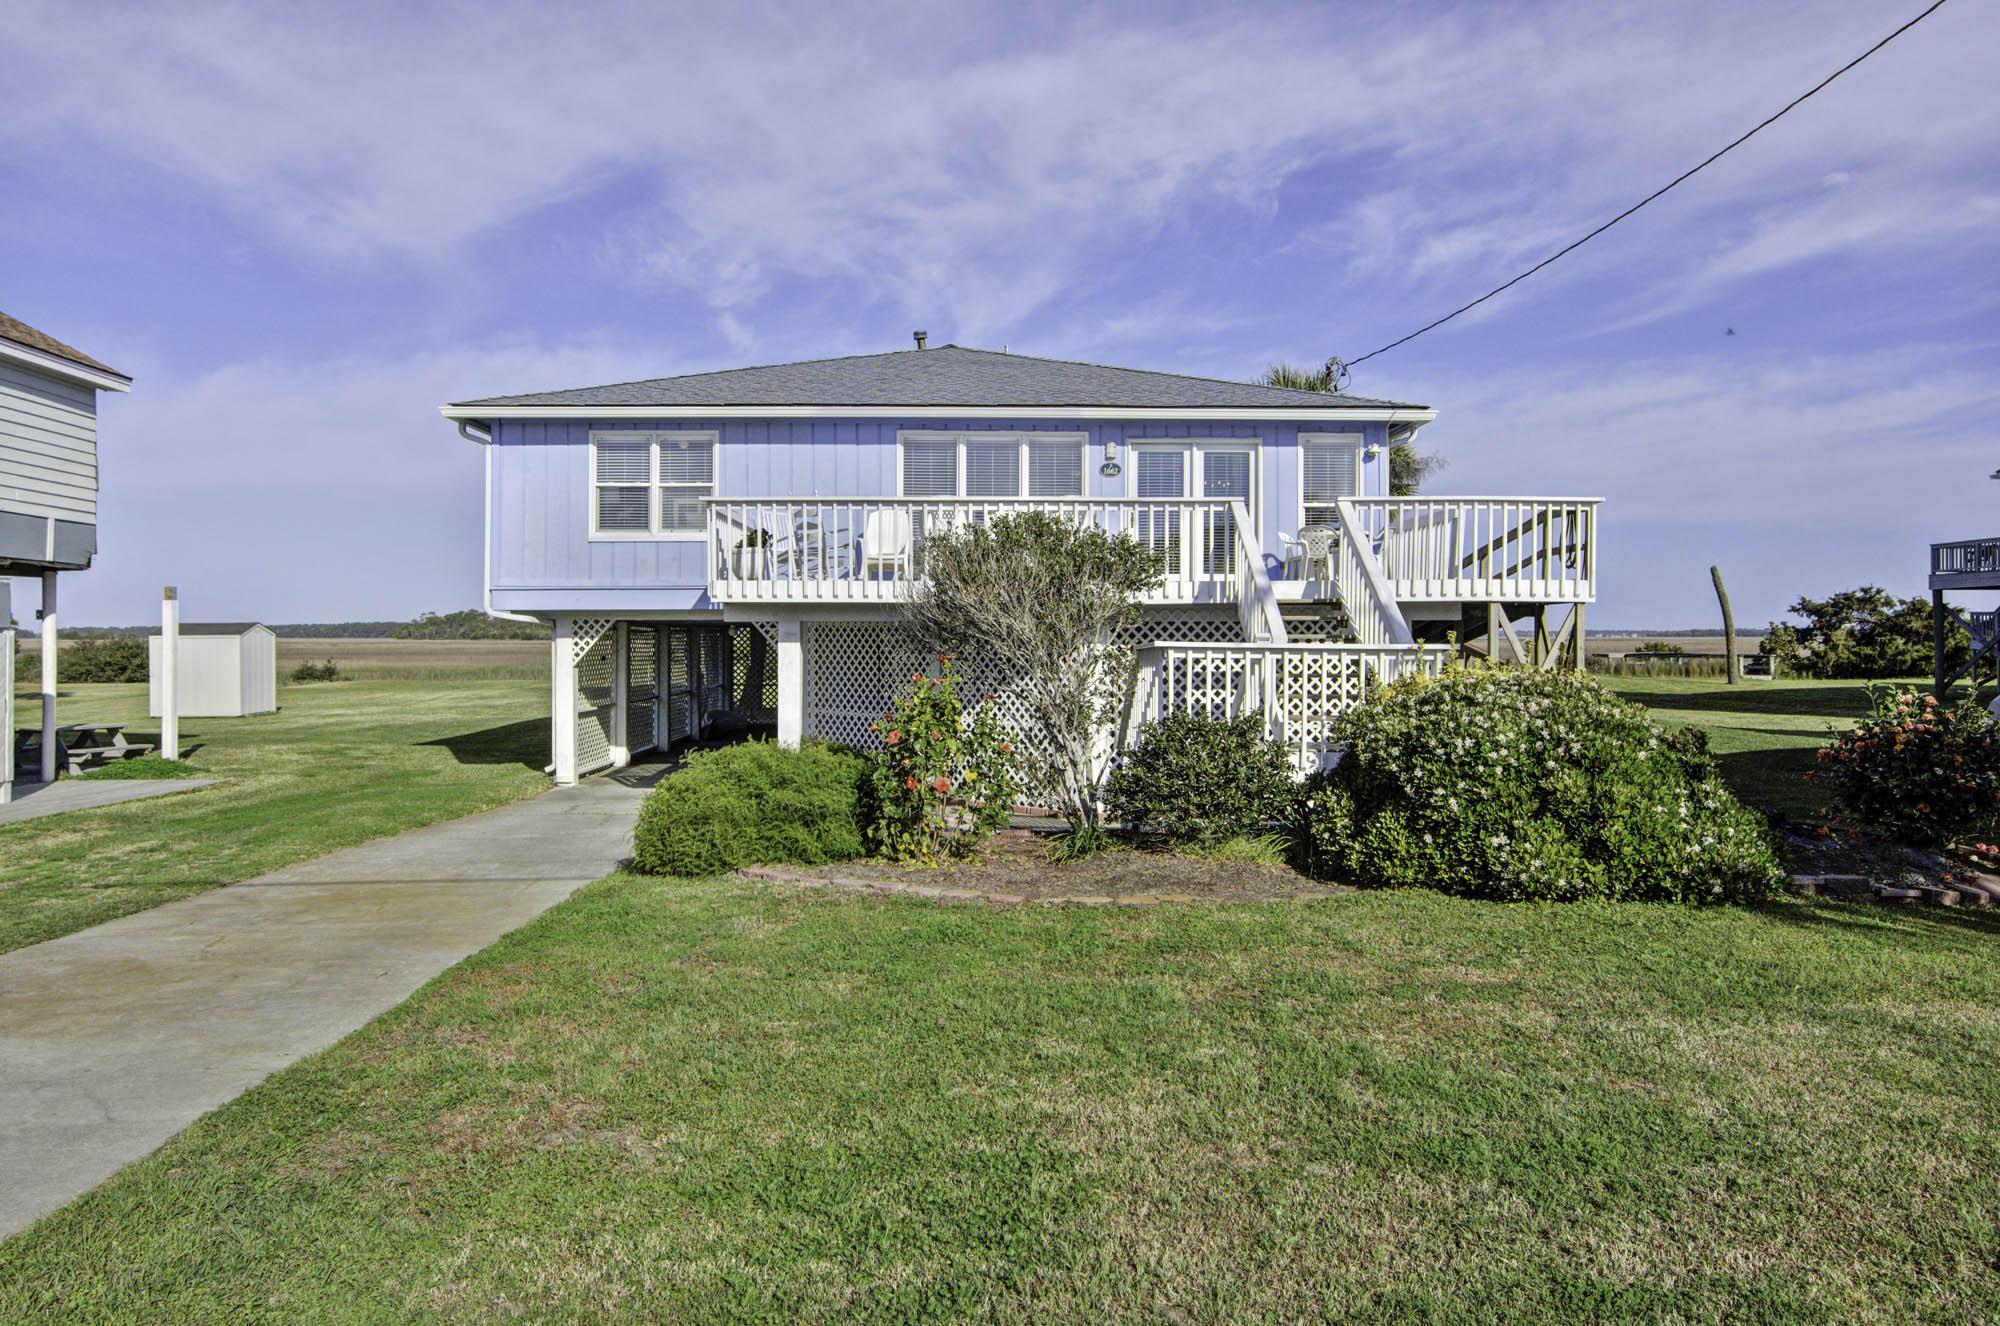 E Folly Bch Shores Homes For Sale - 1662 Ashley, Folly Beach, SC - 25